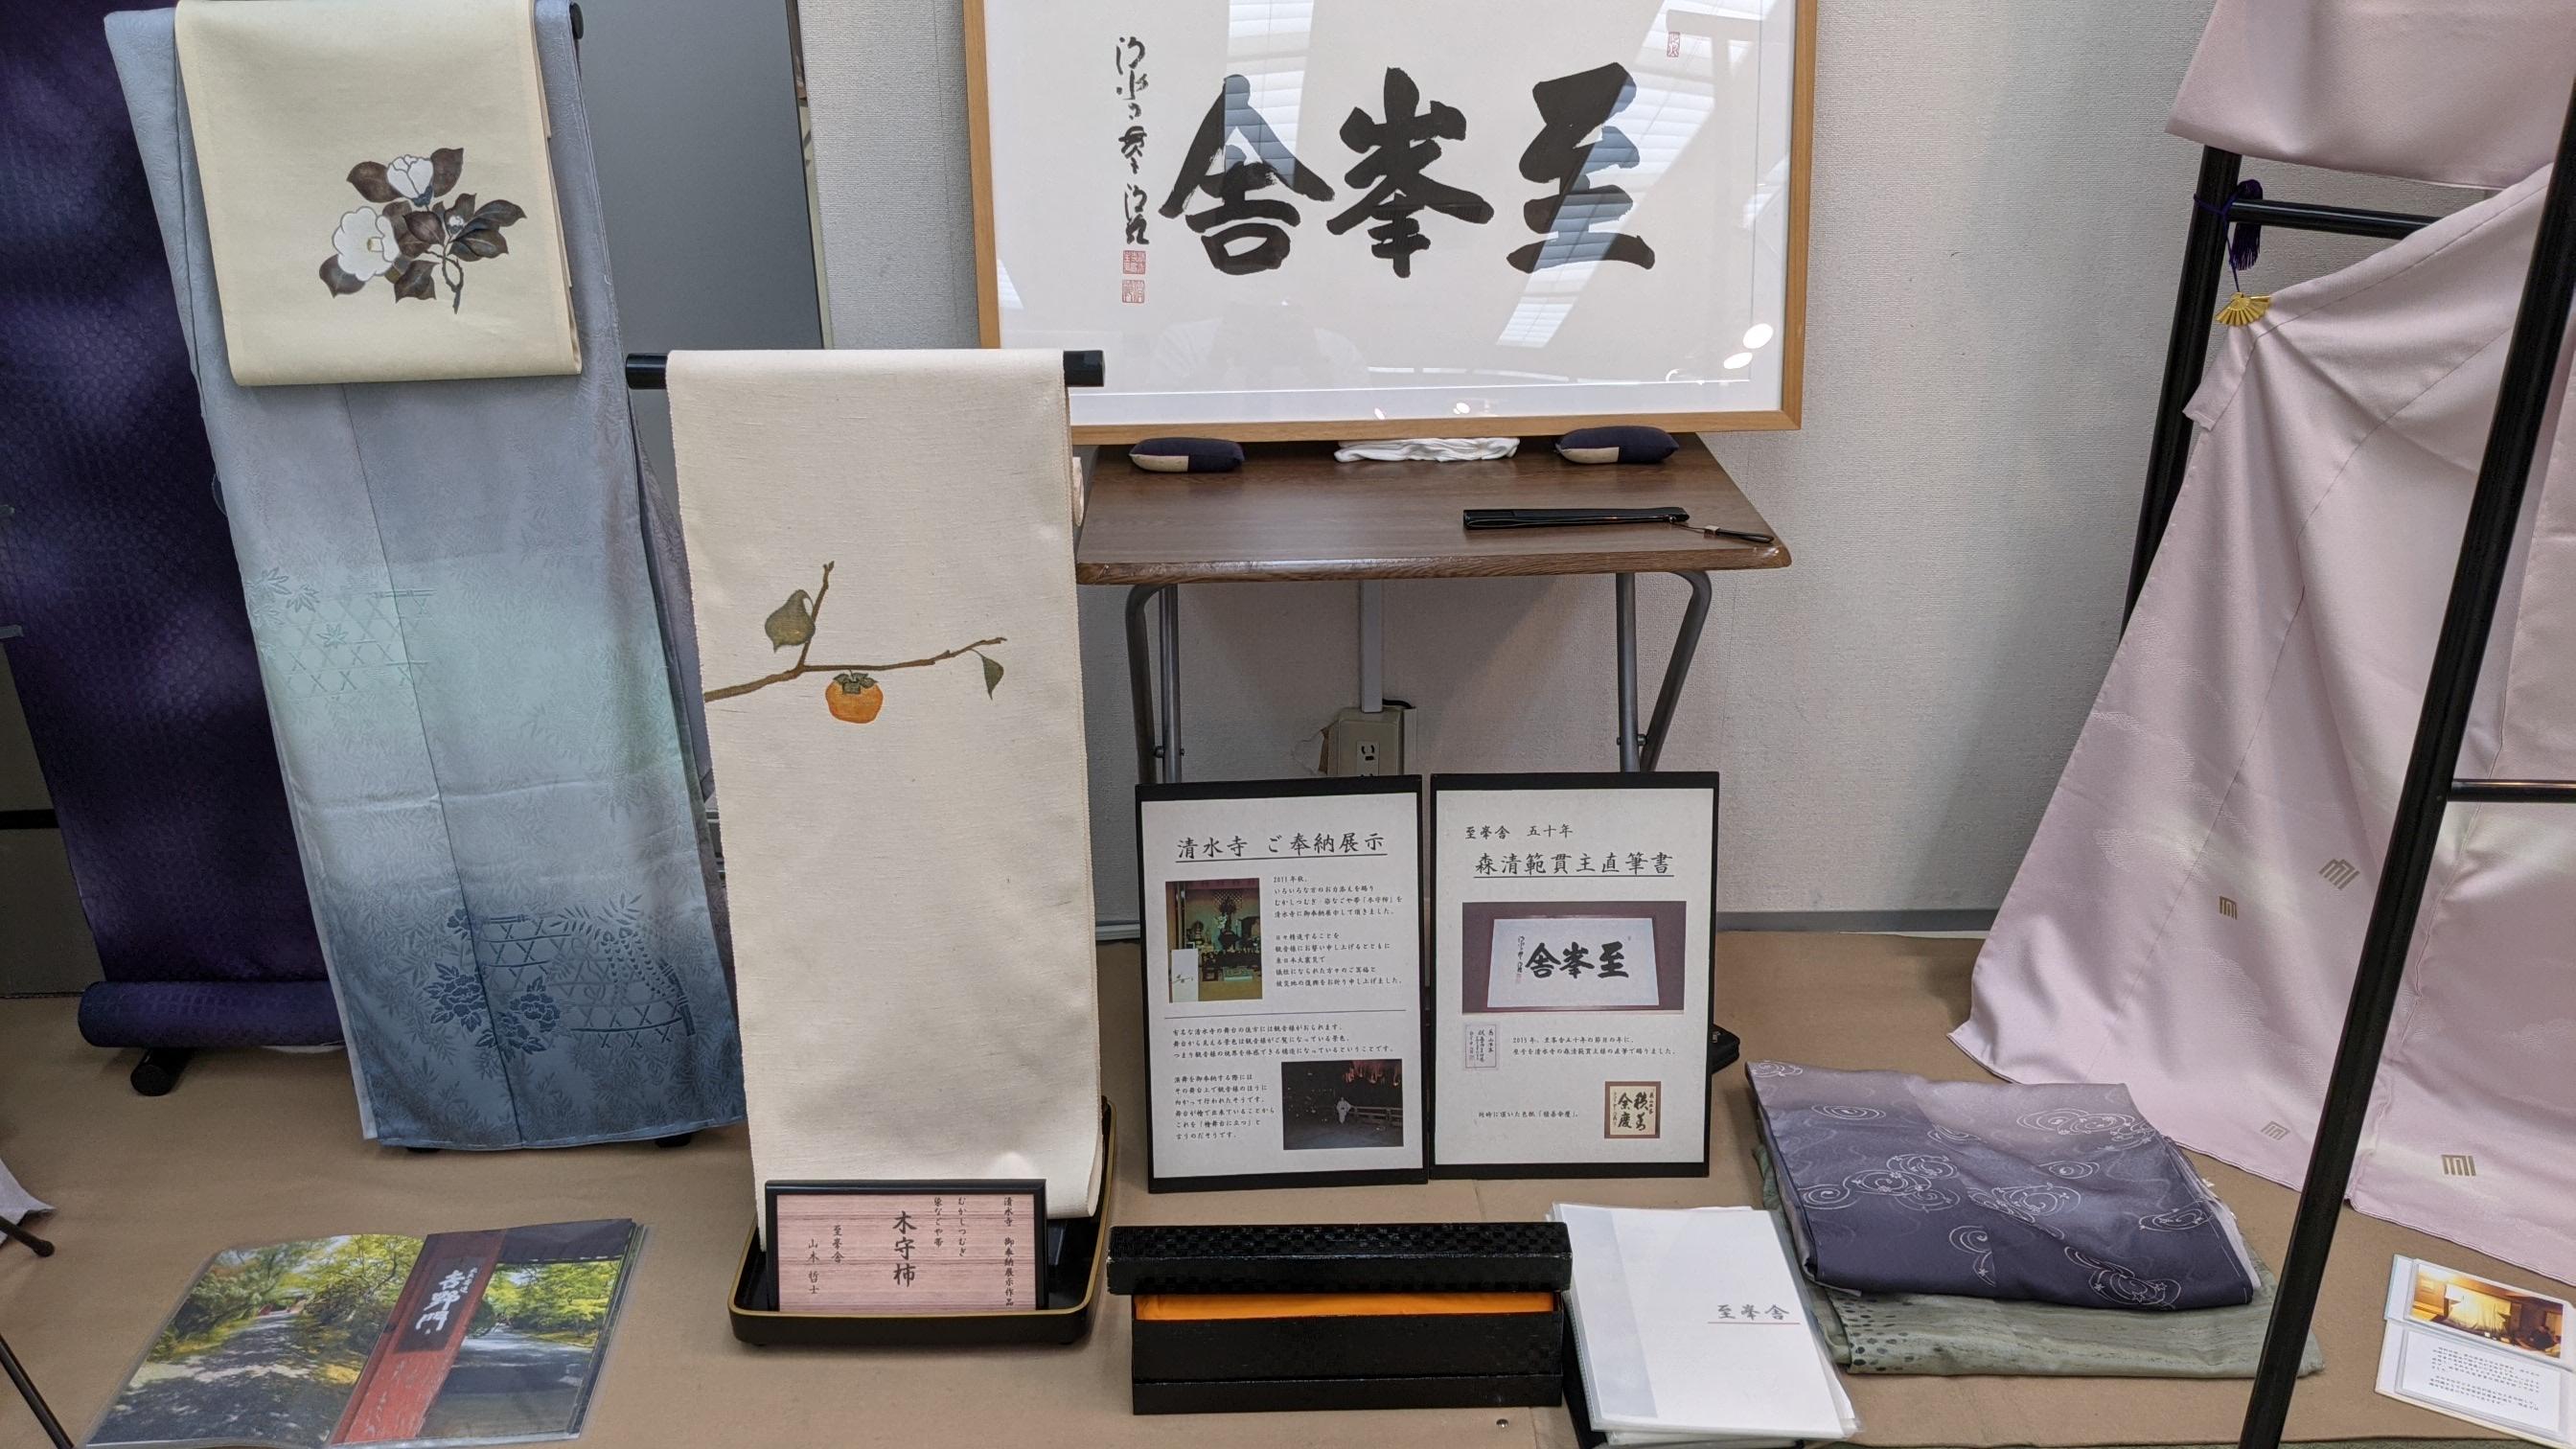 今週はコーディネート講座です👘🌟 神戸六甲のお手軽着付け教室です✨